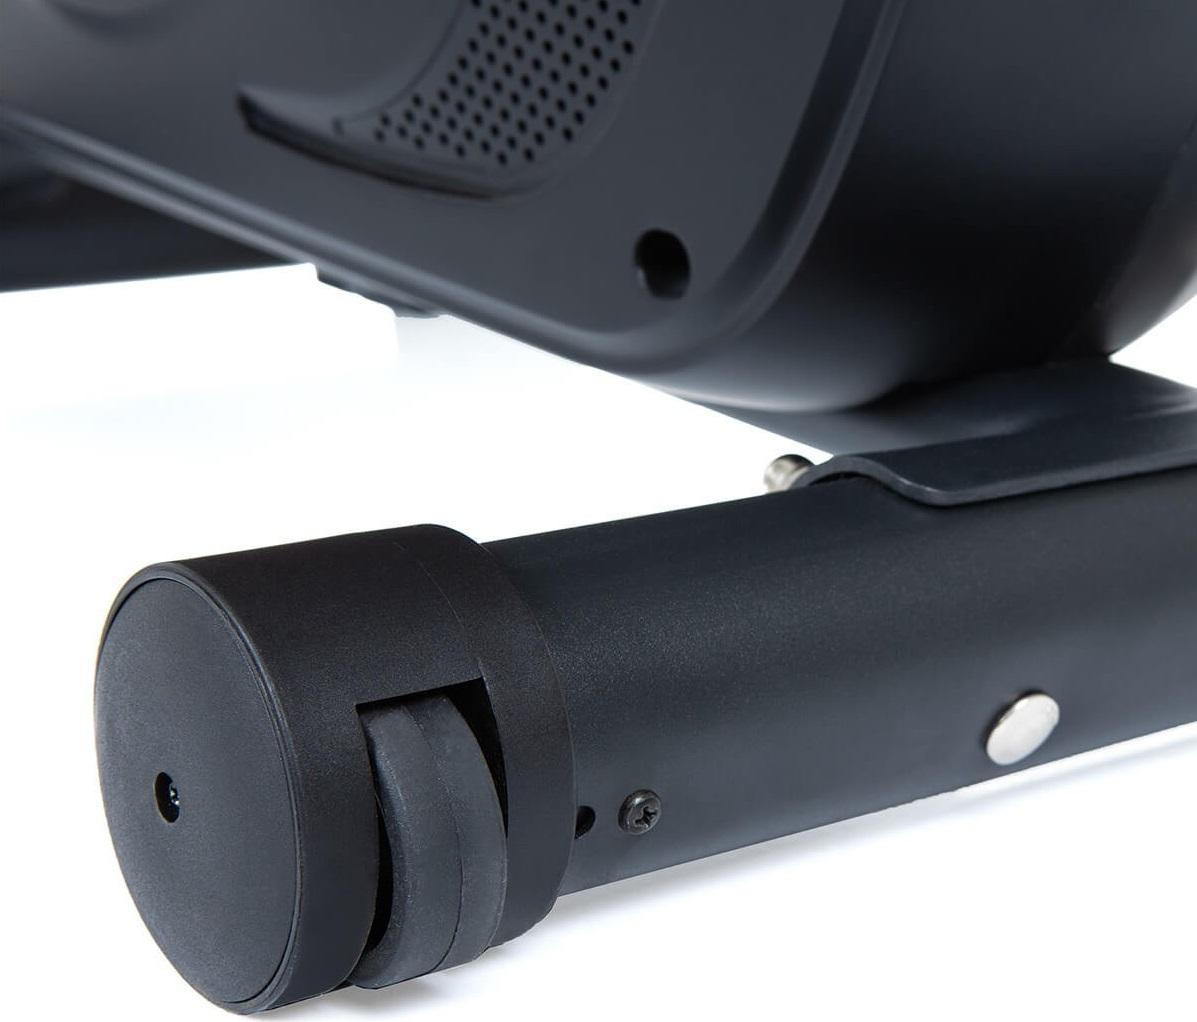 Rotoped Hammer Cardio T3 transportní kolečka